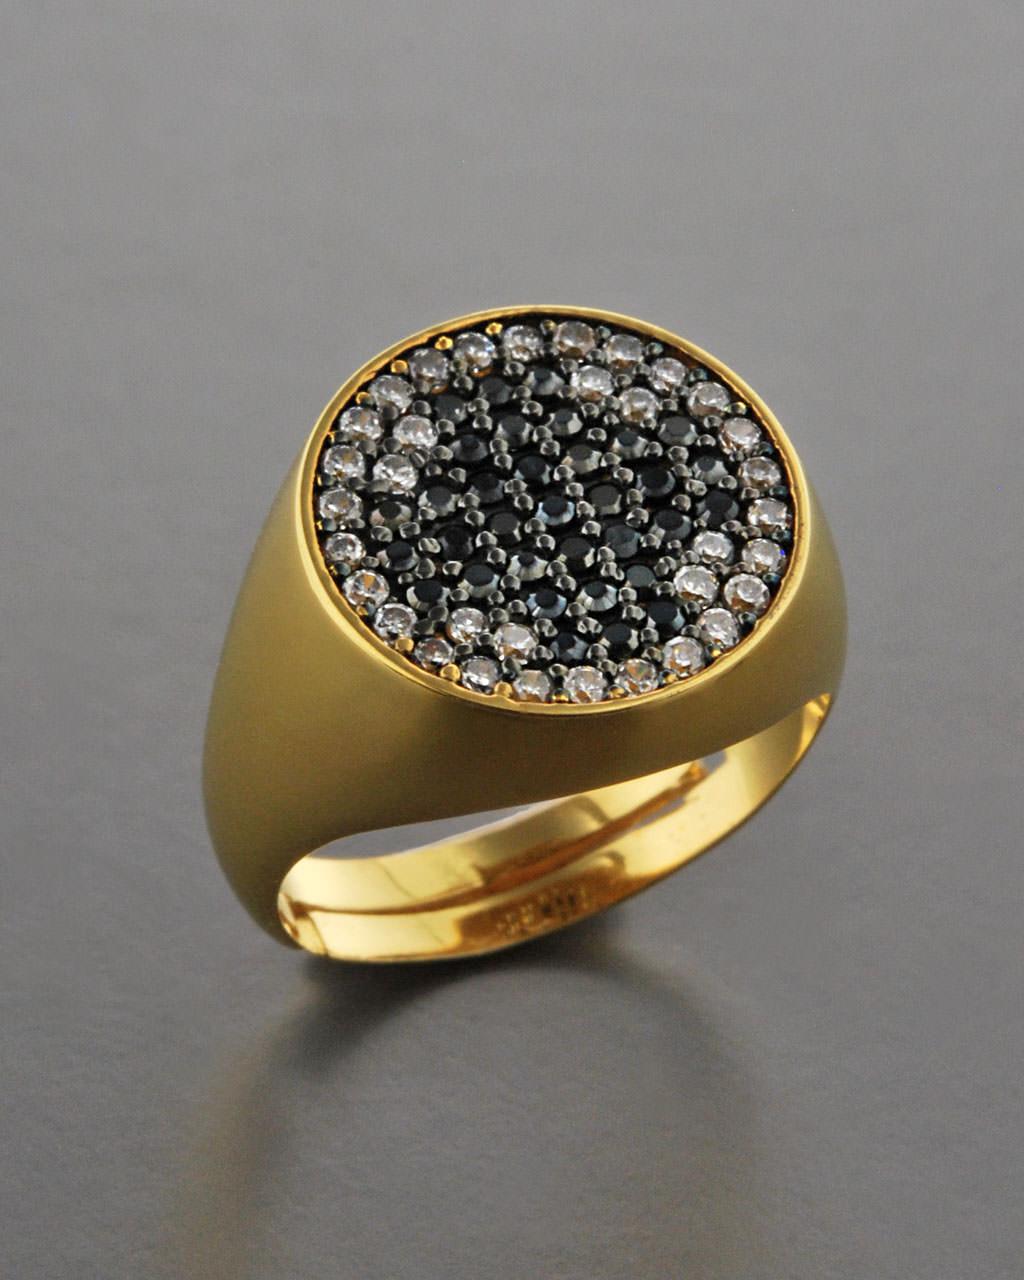 Δαχτυλίδι σεβαλιέ ασημένιο 925 με Zιργκόν   γυναικα δαχτυλίδια δαχτυλίδια ασημένια